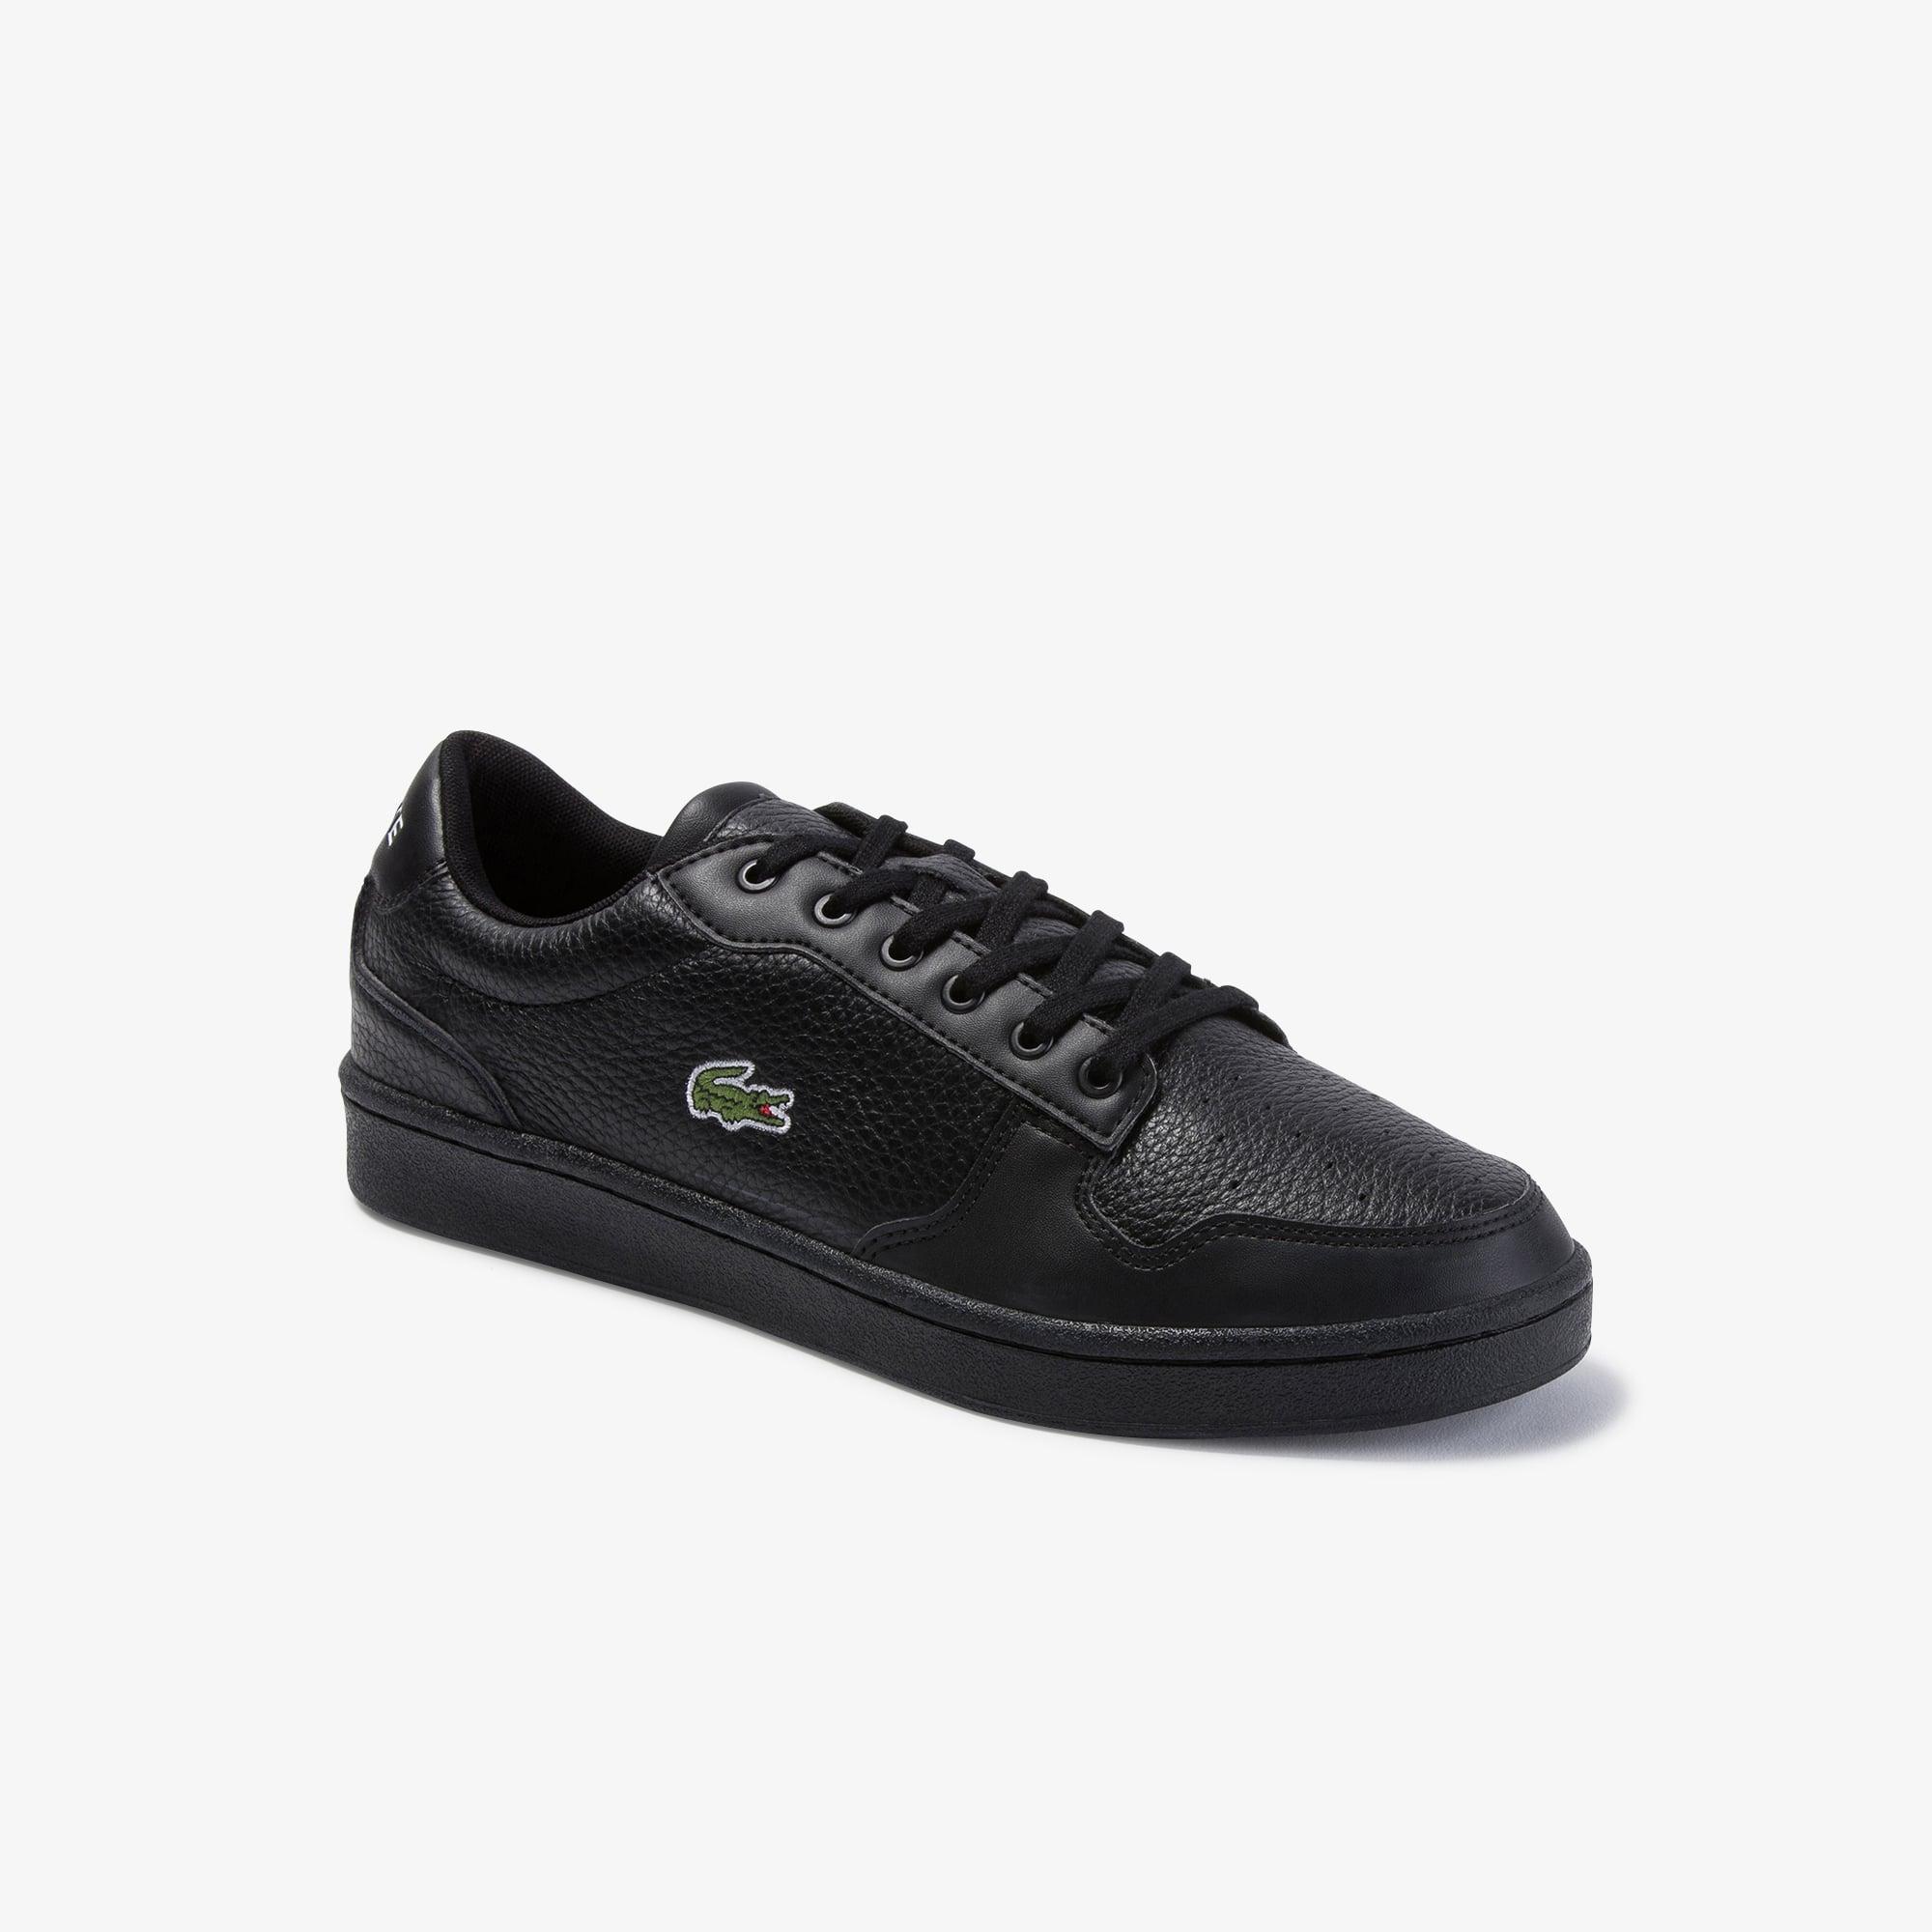 حذاء رياضي للرجال من مجموعة Masters Cup